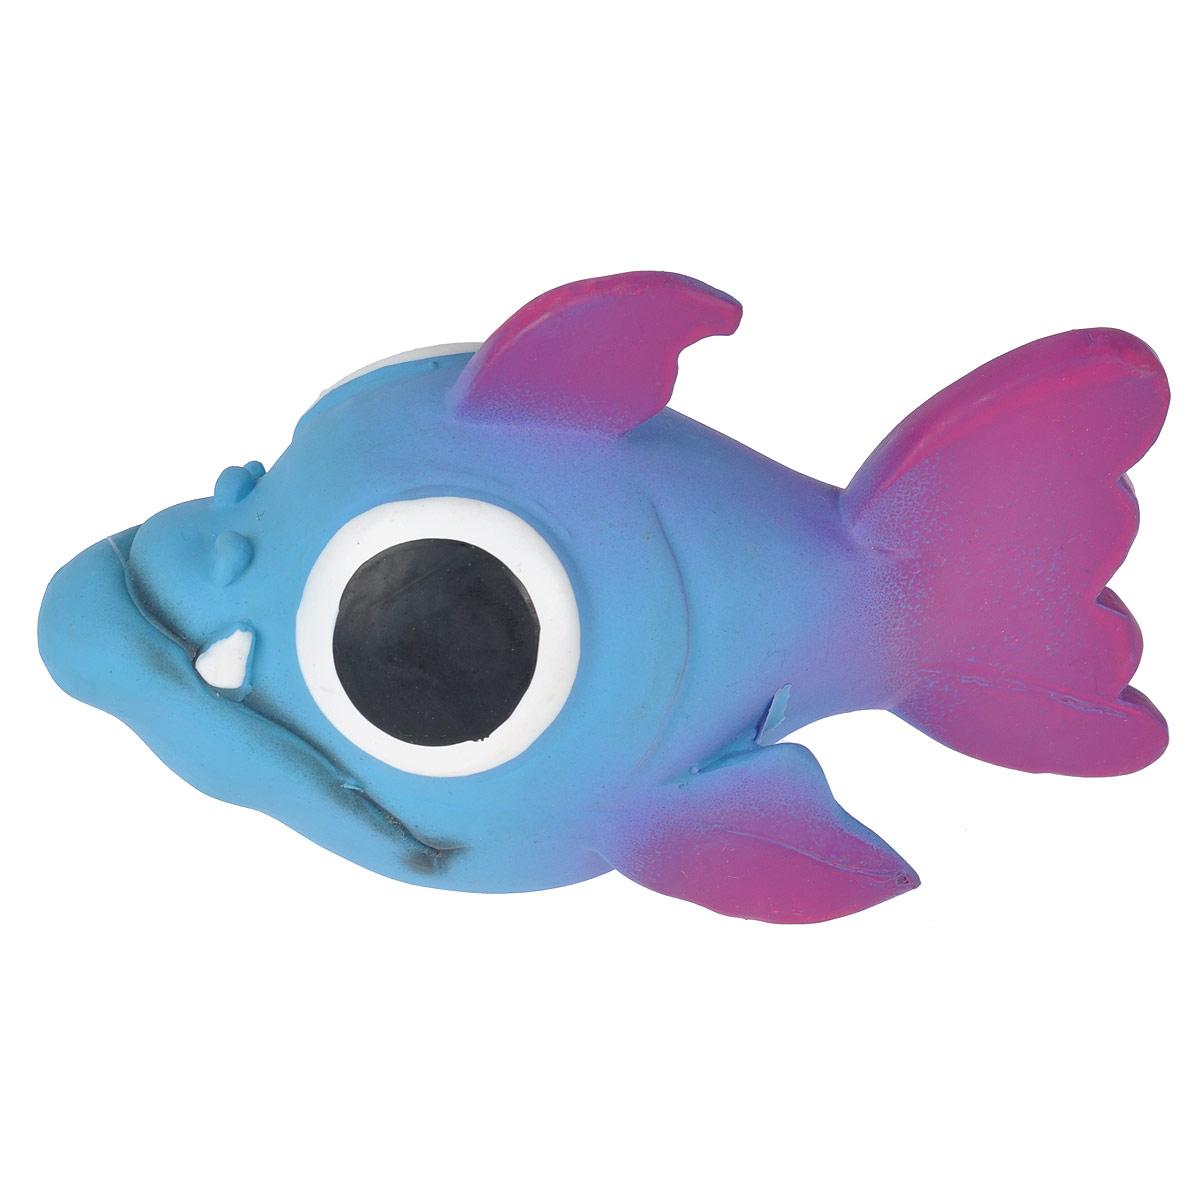 Игрушка для собак I.P.T.S. Рыбка0120710Игрушки для собак I.P.T.S. Рыбка изготовлена излатекса. Предназначена для игр с собаками разных возрастов. Такая игрушка привлечет внимание вашего любимца и не оставит его равнодушным. Длина: 14 см.